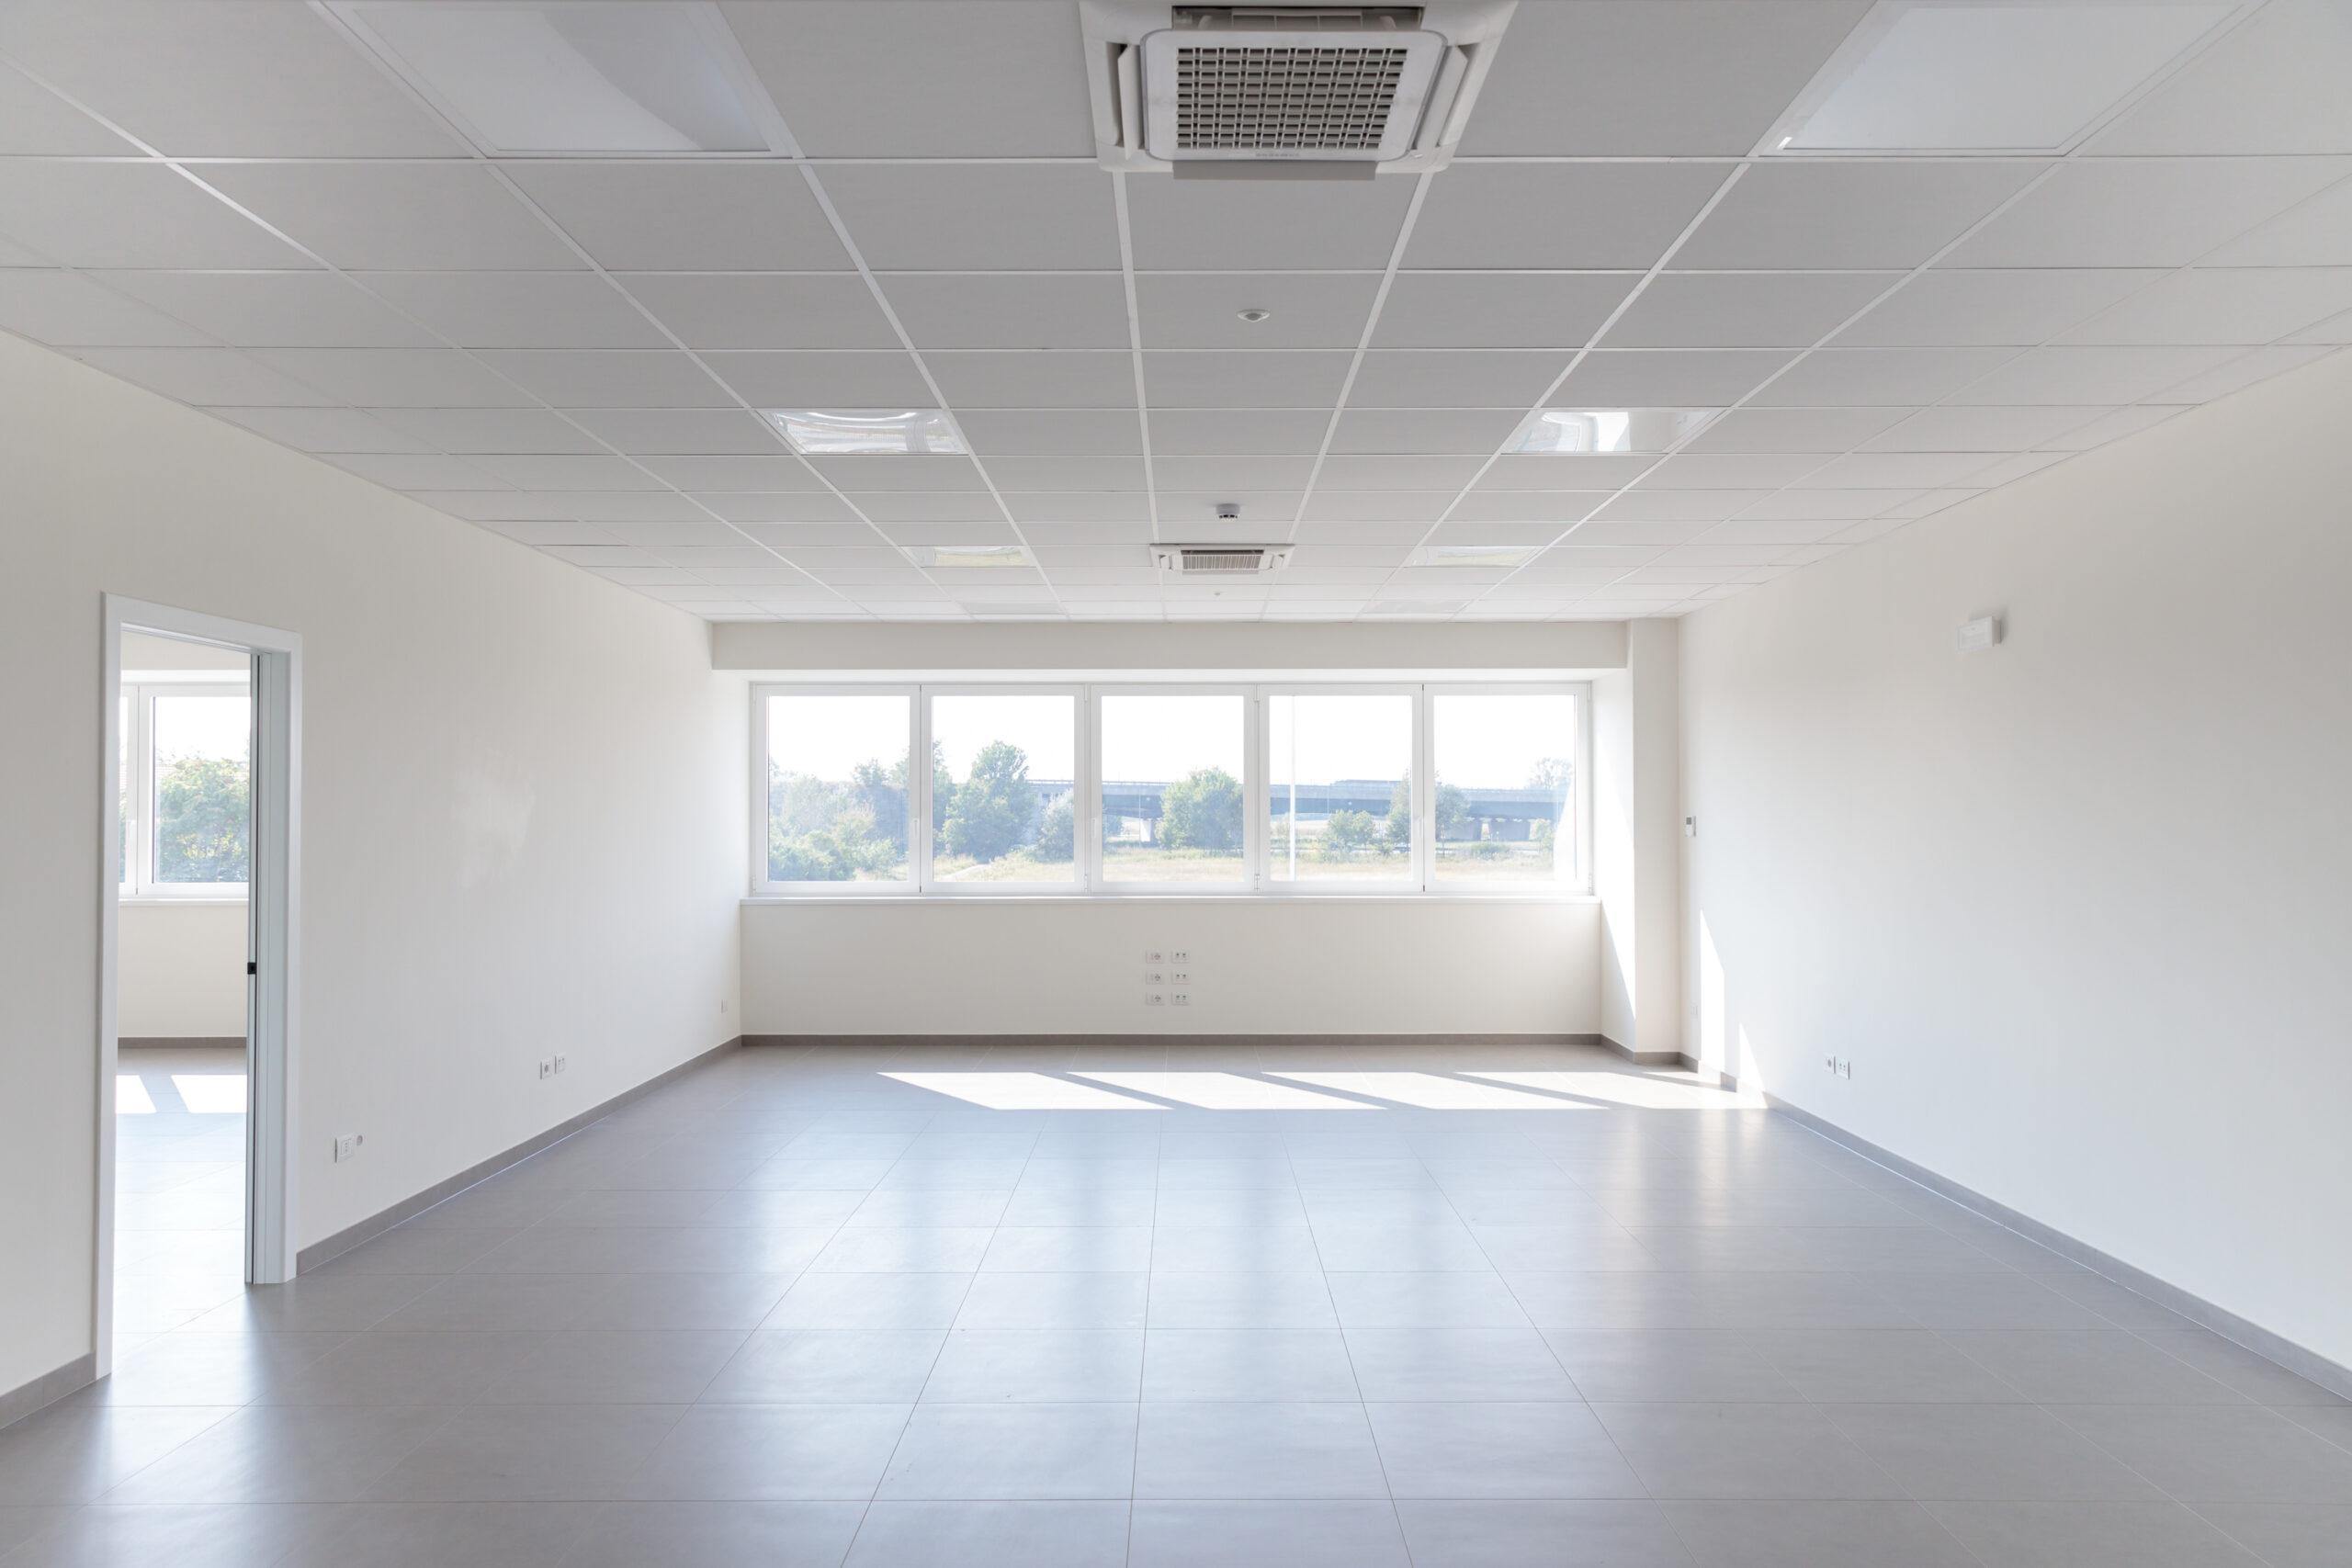 Vista interno uffici magazzino logistico - CARLYLE Mesero | SQM Real Estate miglior agenzia immobiliare per aziende industria terreni logistica sviluppo immobiliare